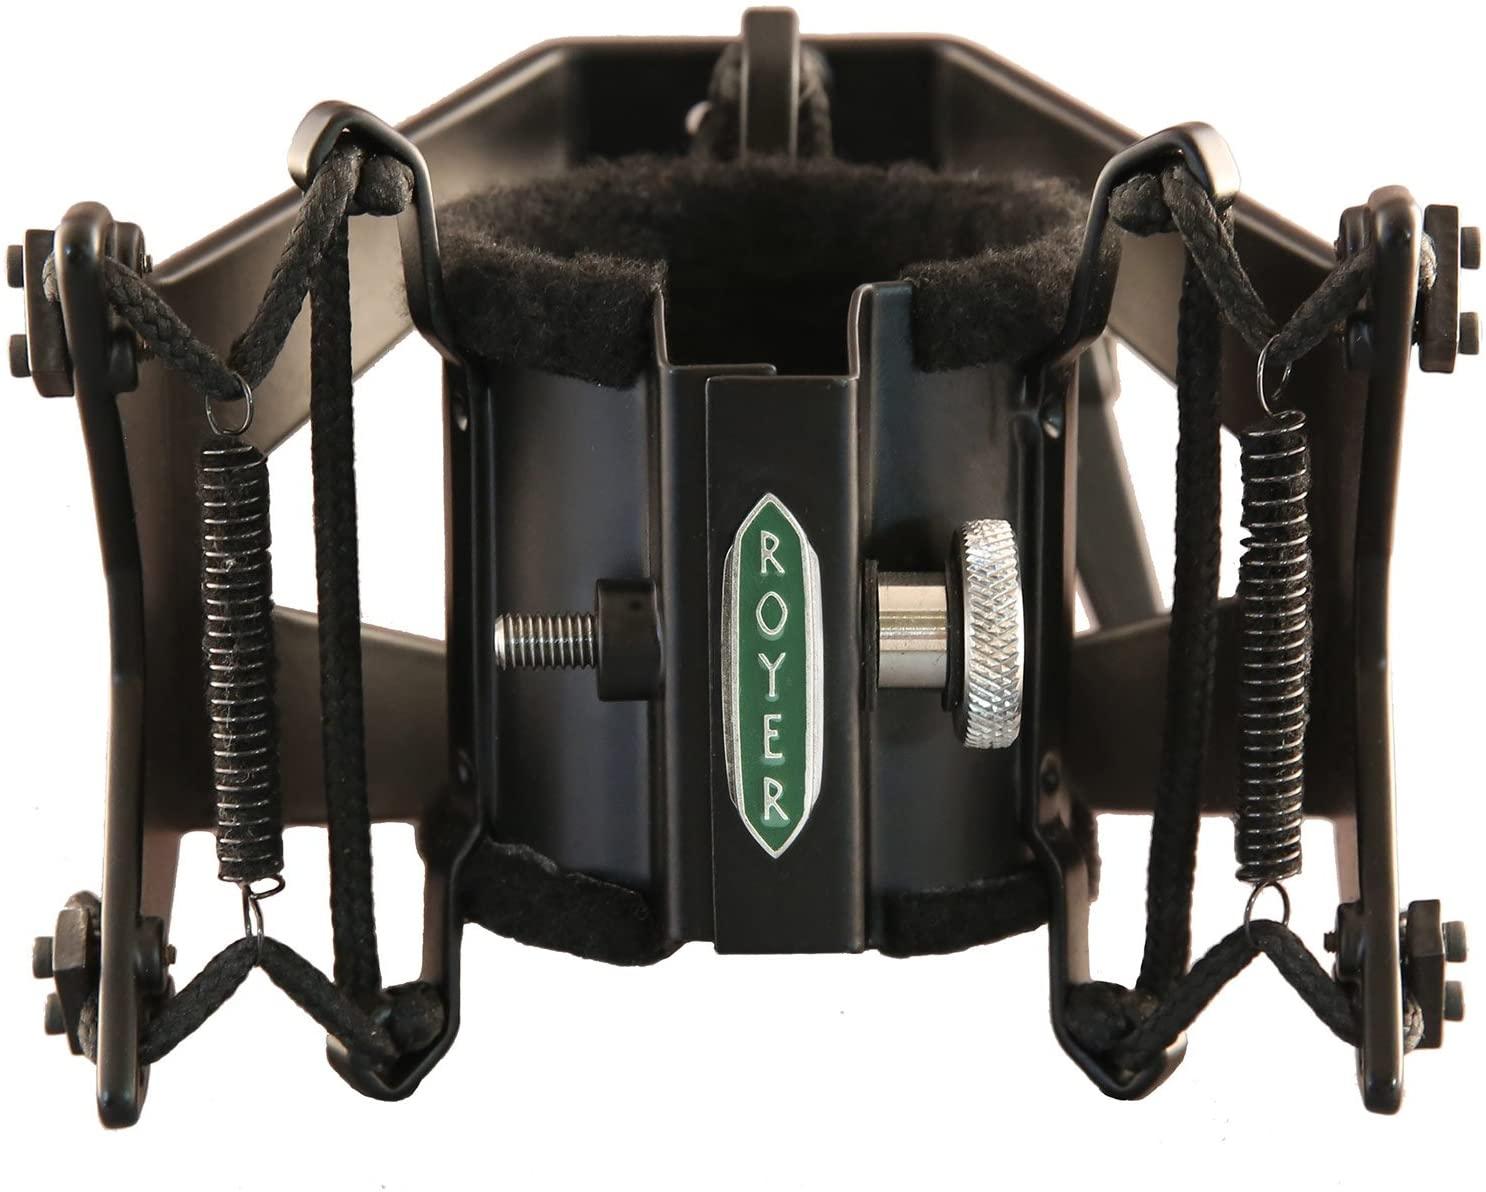 Royer RSM-SS251 Sling-Shock